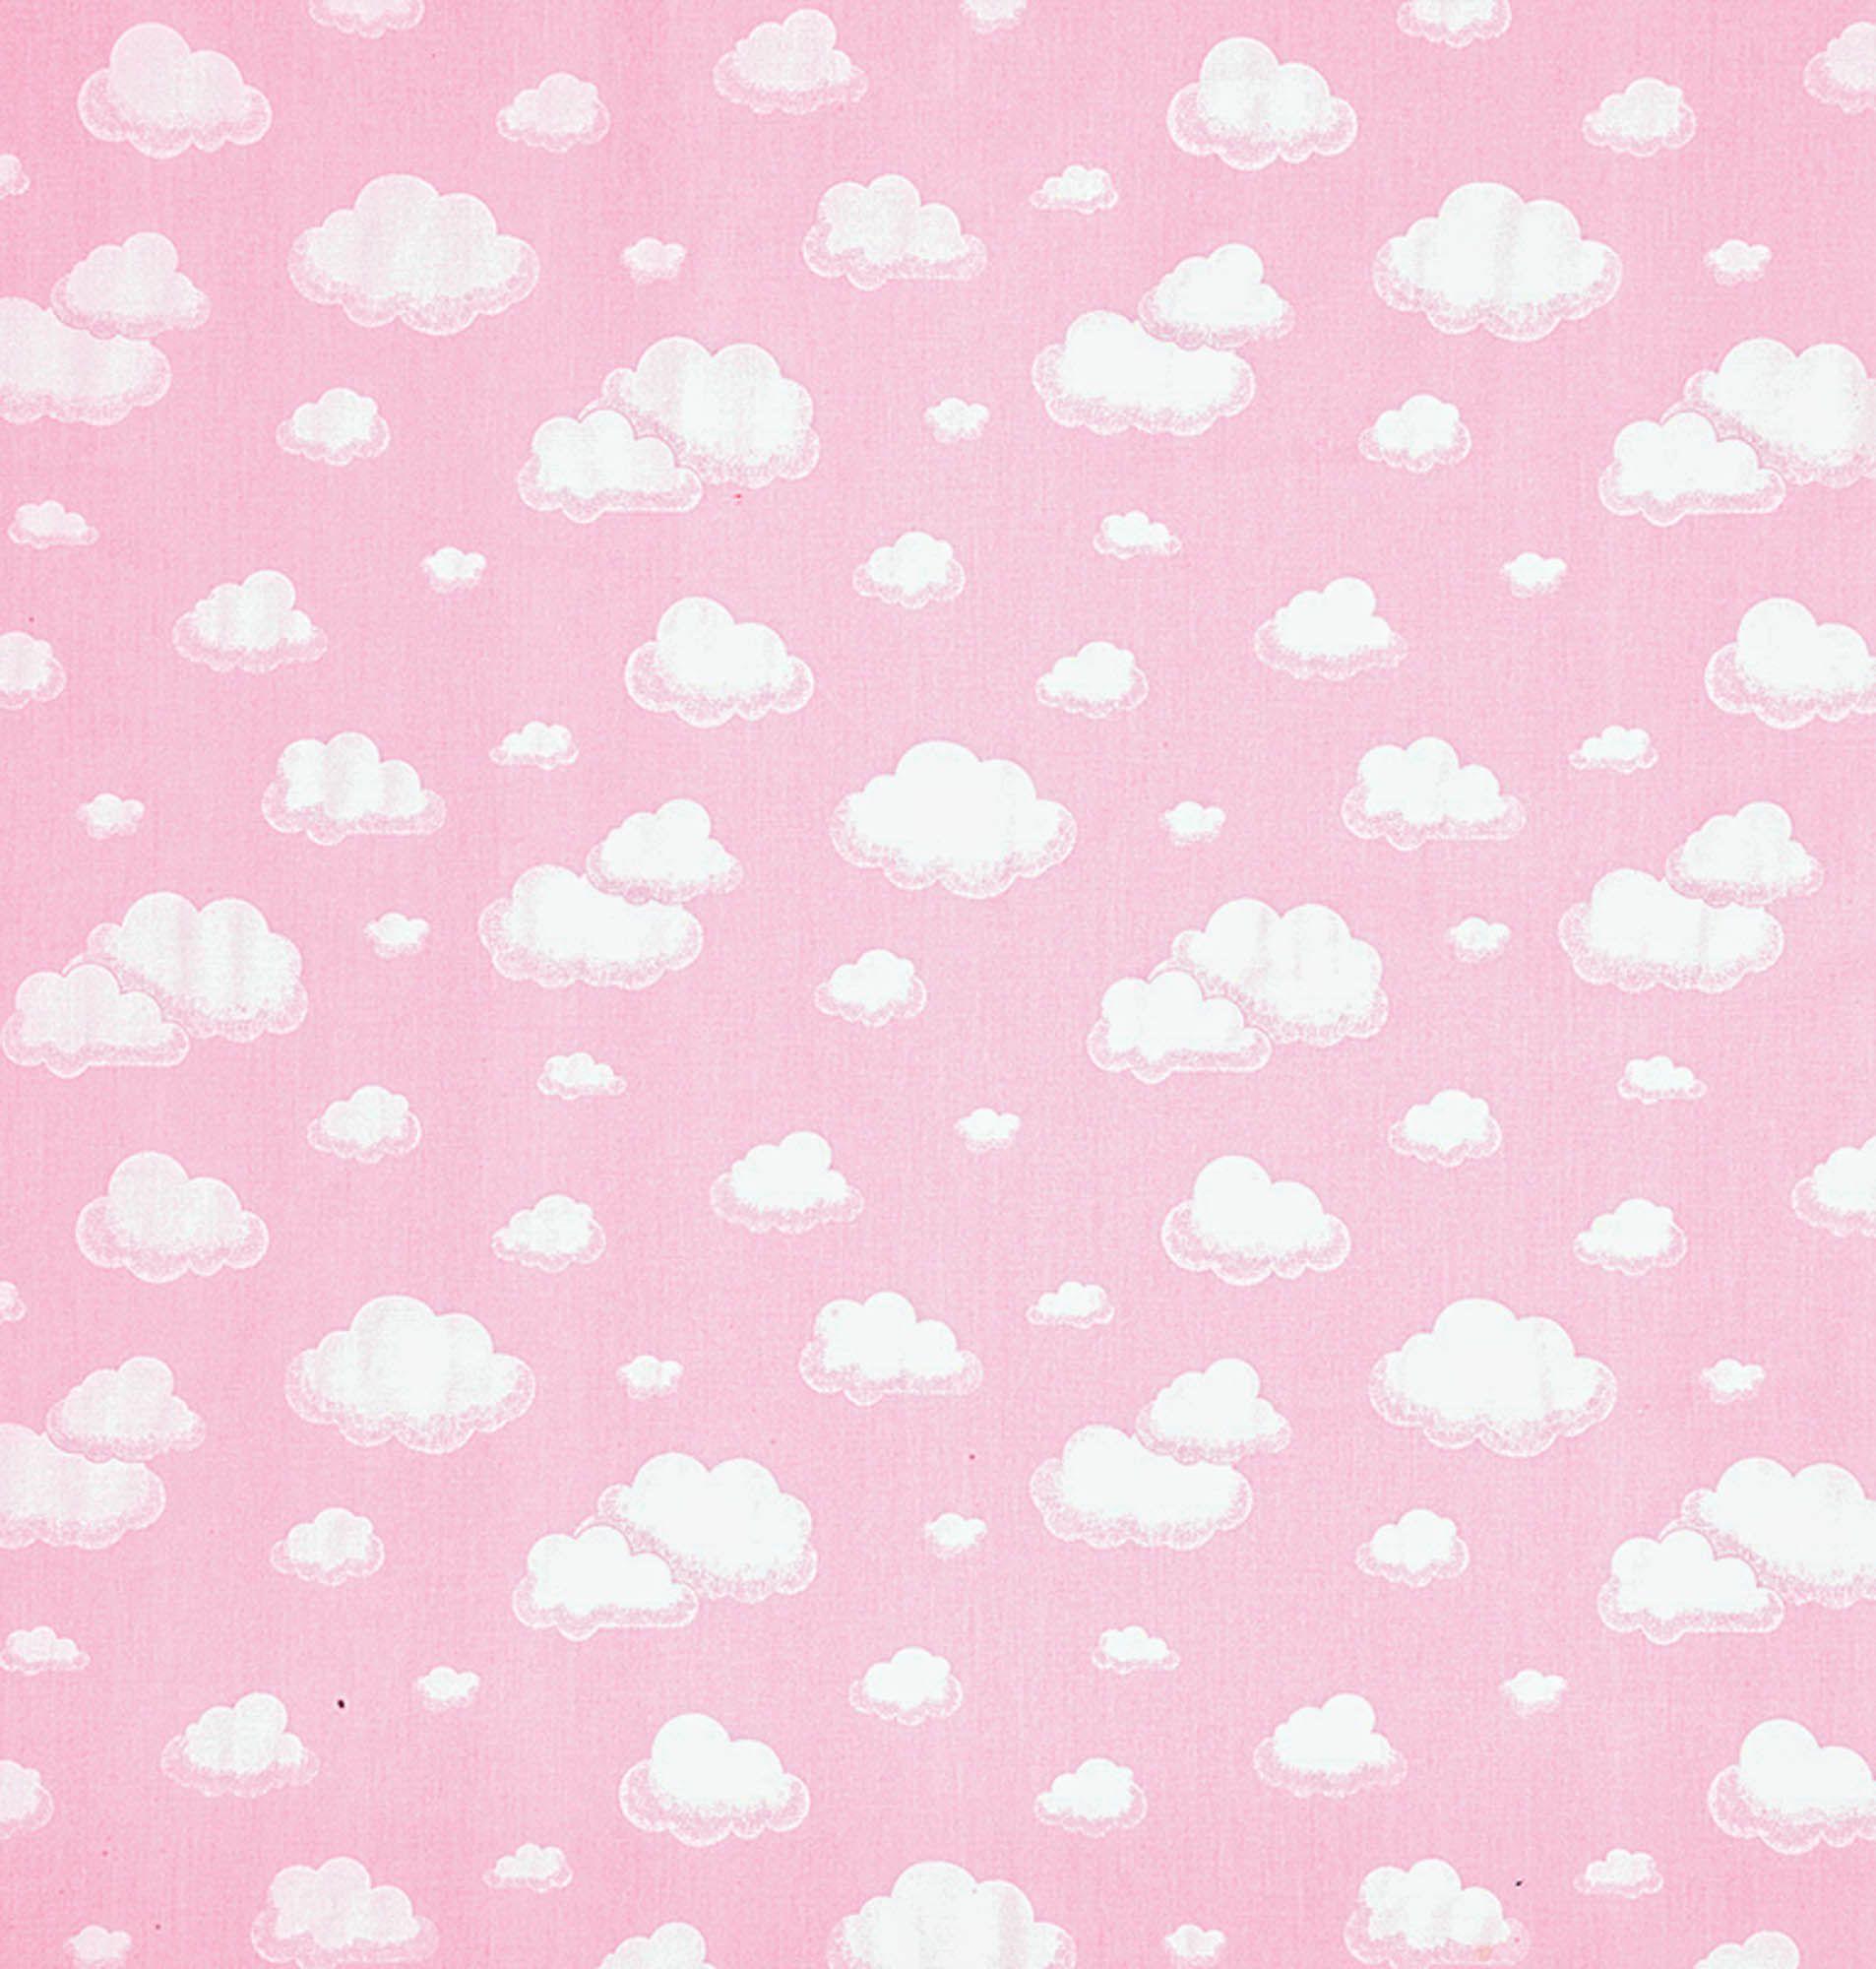 Tecido tricoline estampado dohler 100% algodão nuvem rosa